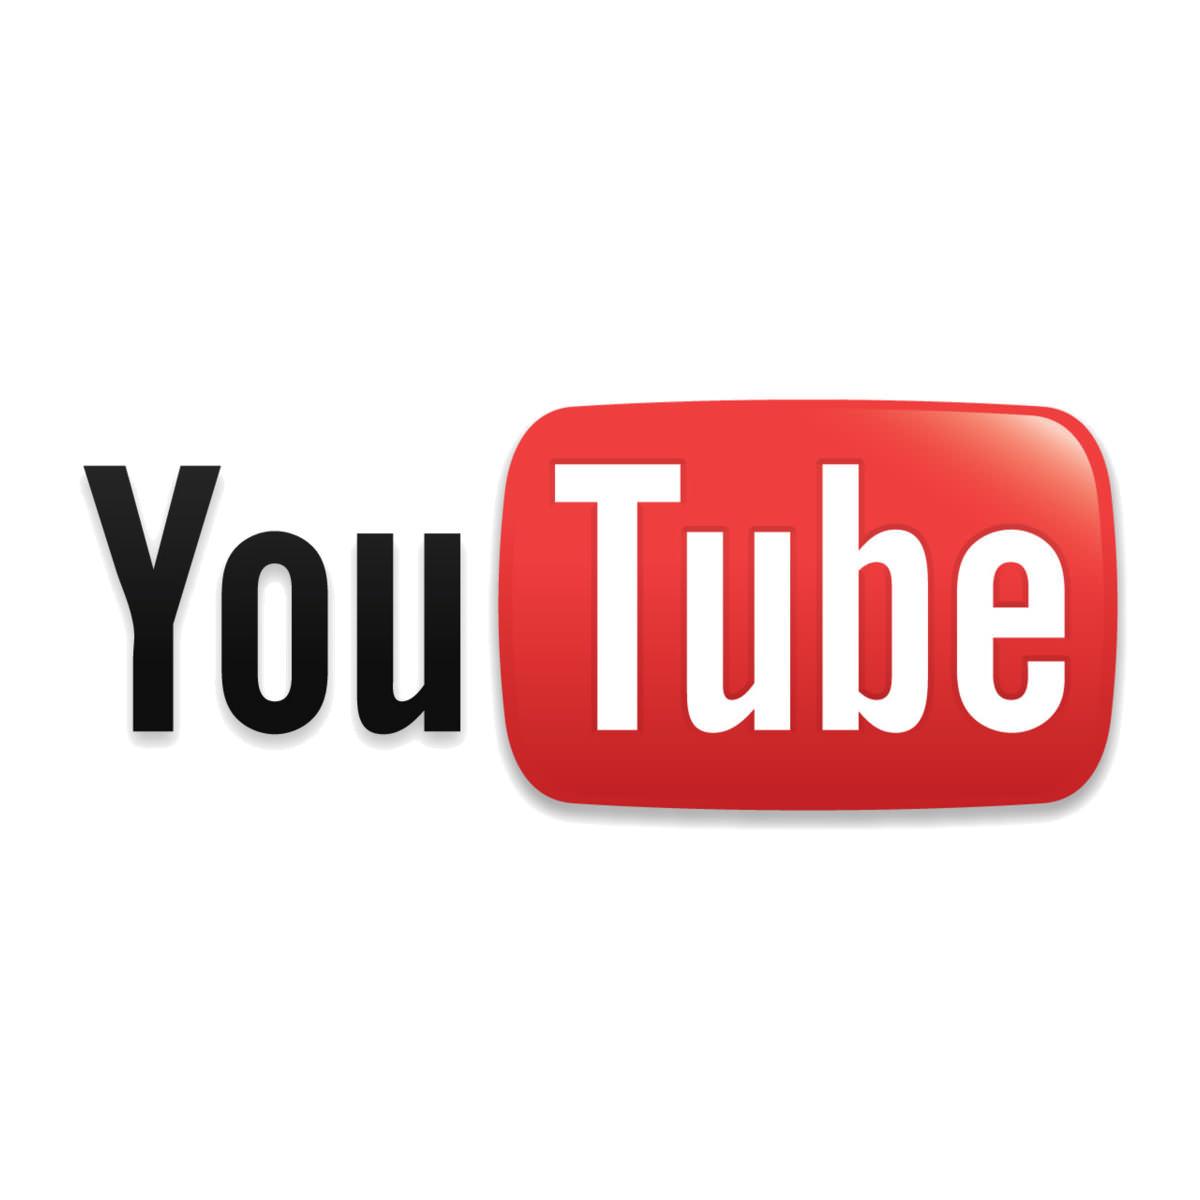 In arrivo un abbonamento YouTube che rimuove le pubblicità?